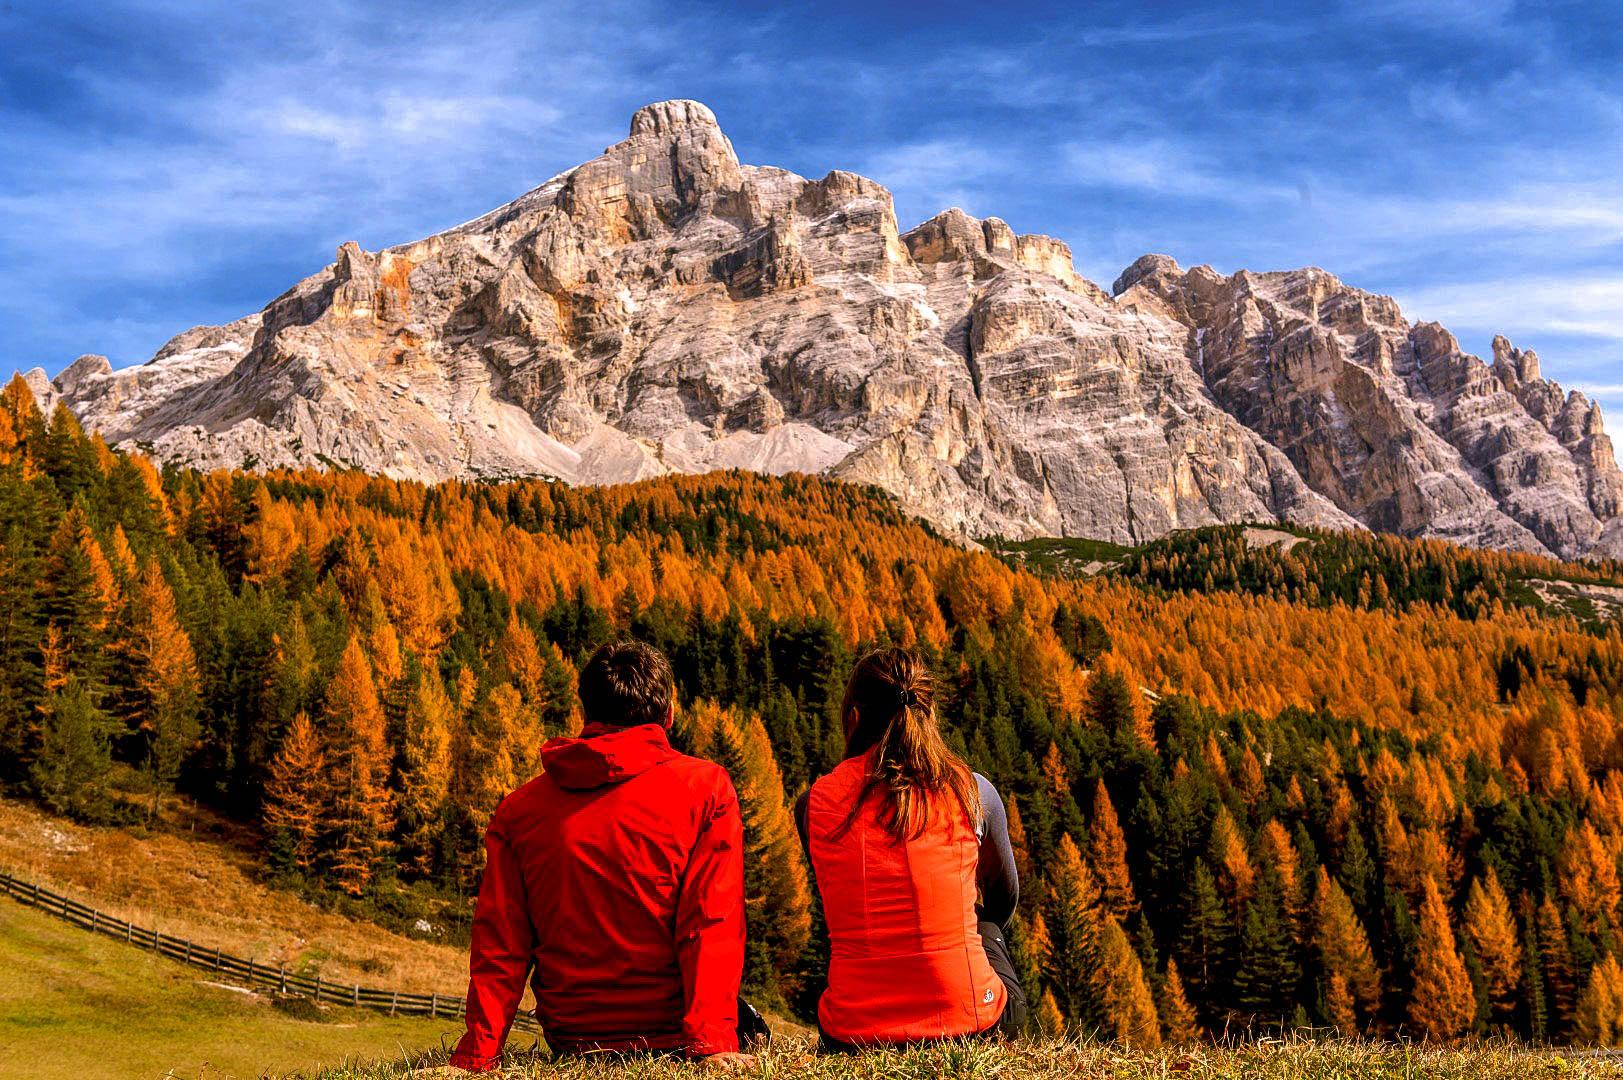 Alto Adige rosso gialllo e arancio, emozioni di stagione